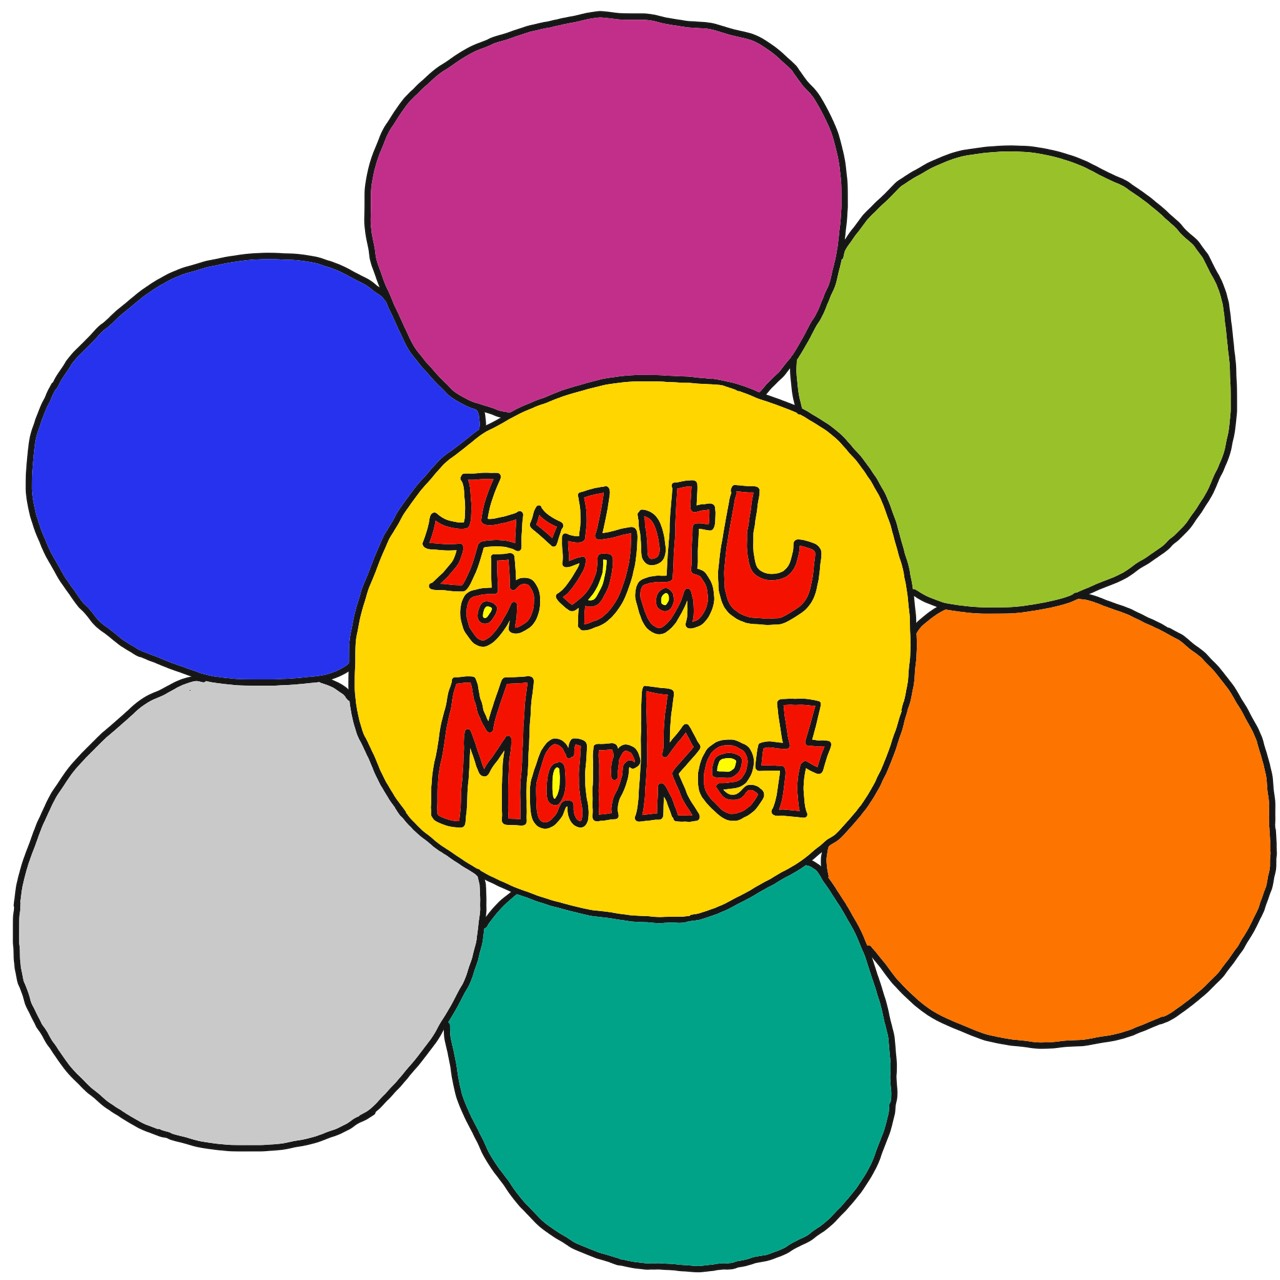 なかよしMarketのロゴイラスト